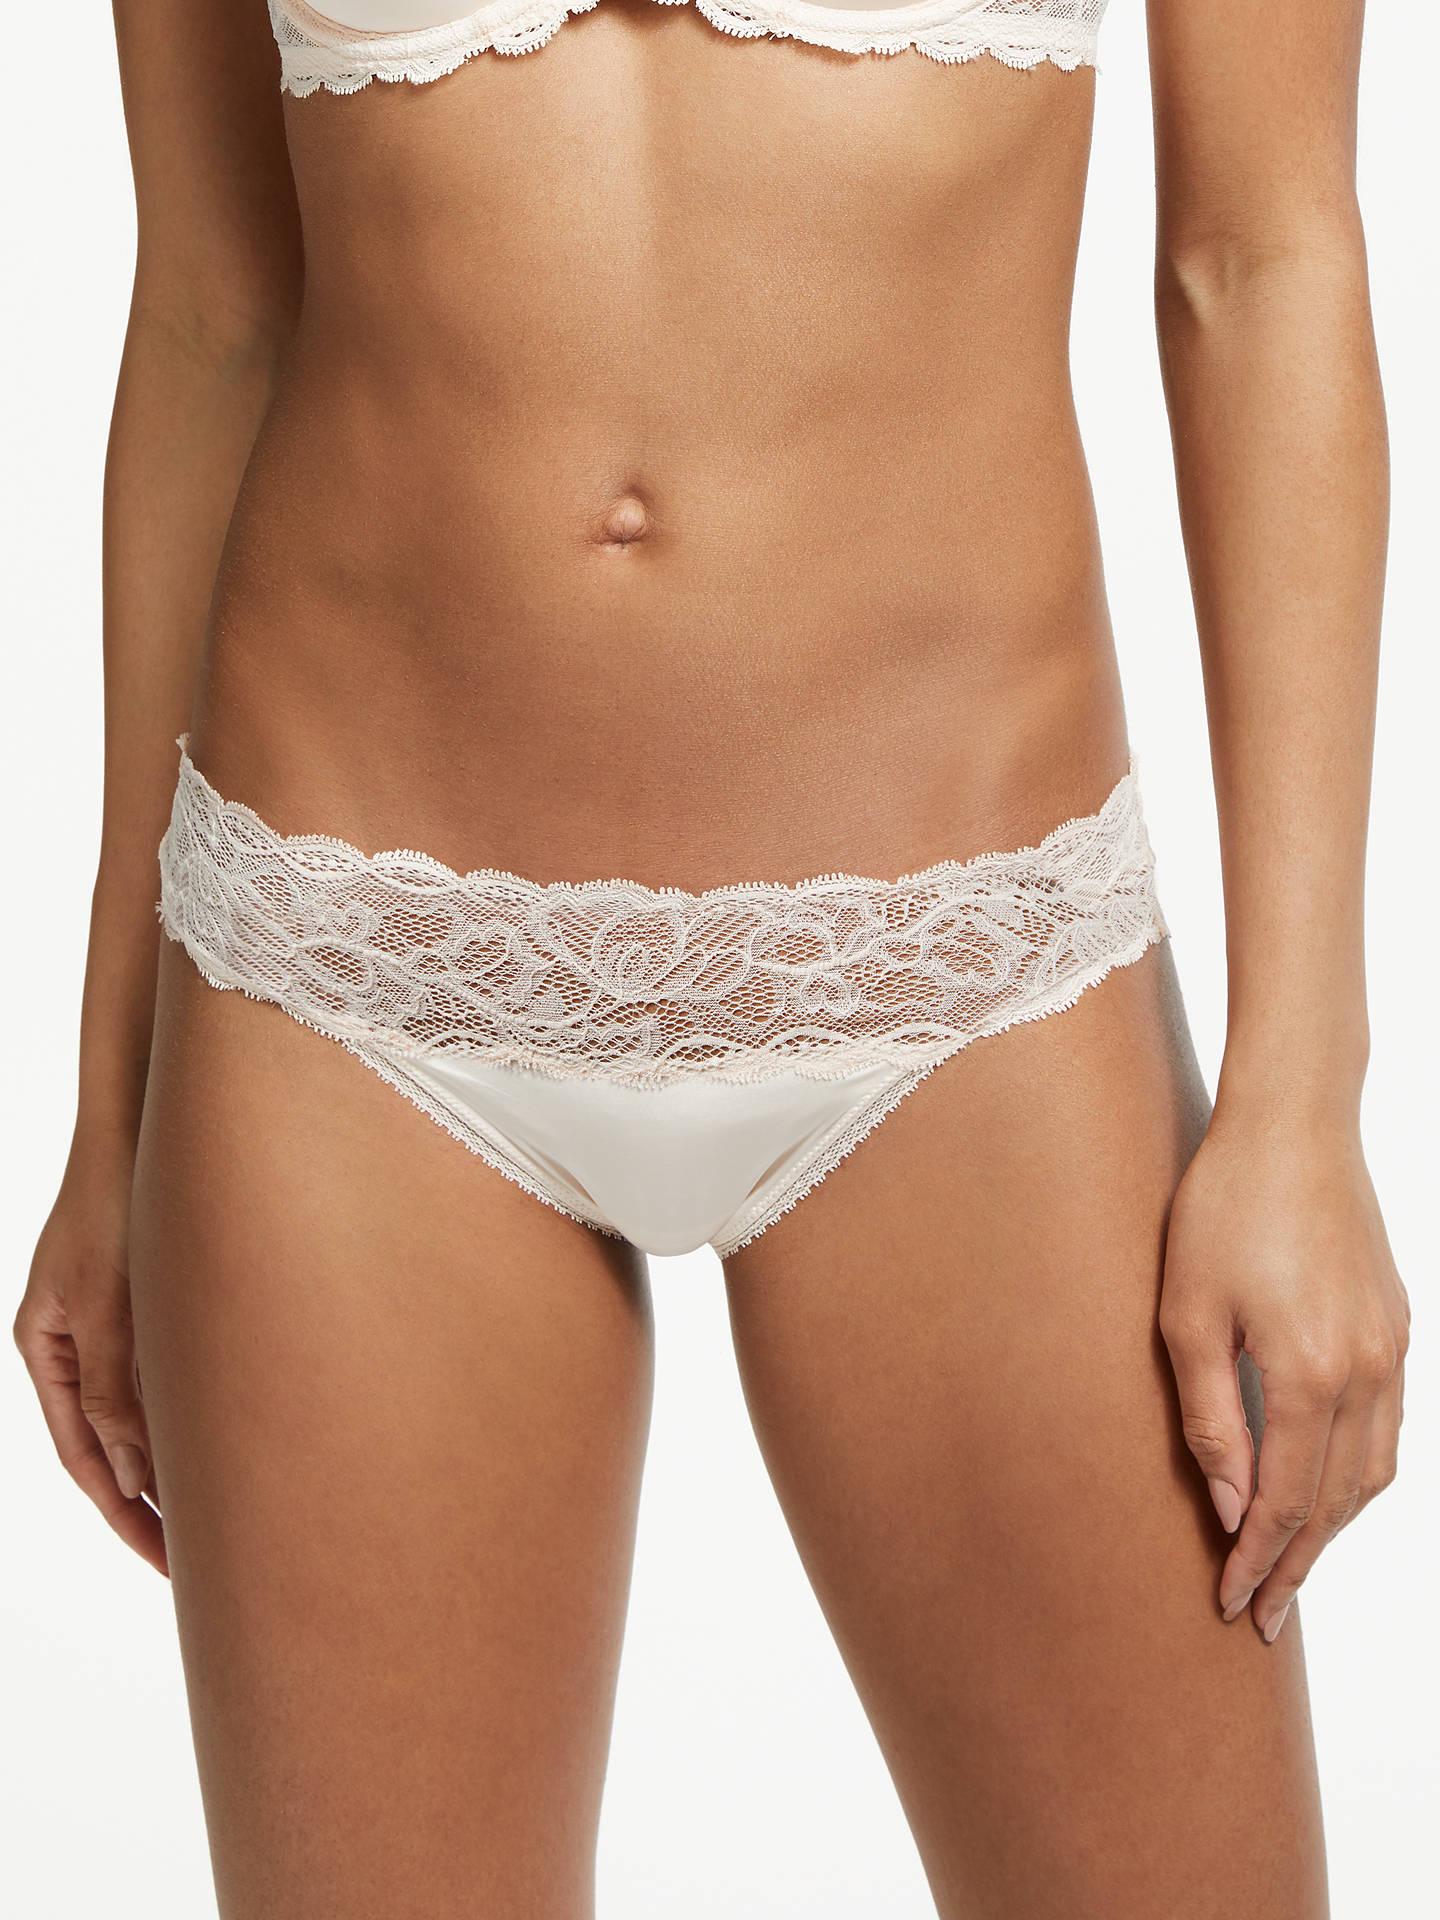 3a874e0fdc BuyCalvin Klein Underwear Seductive Comfort Lace Bikini Briefs